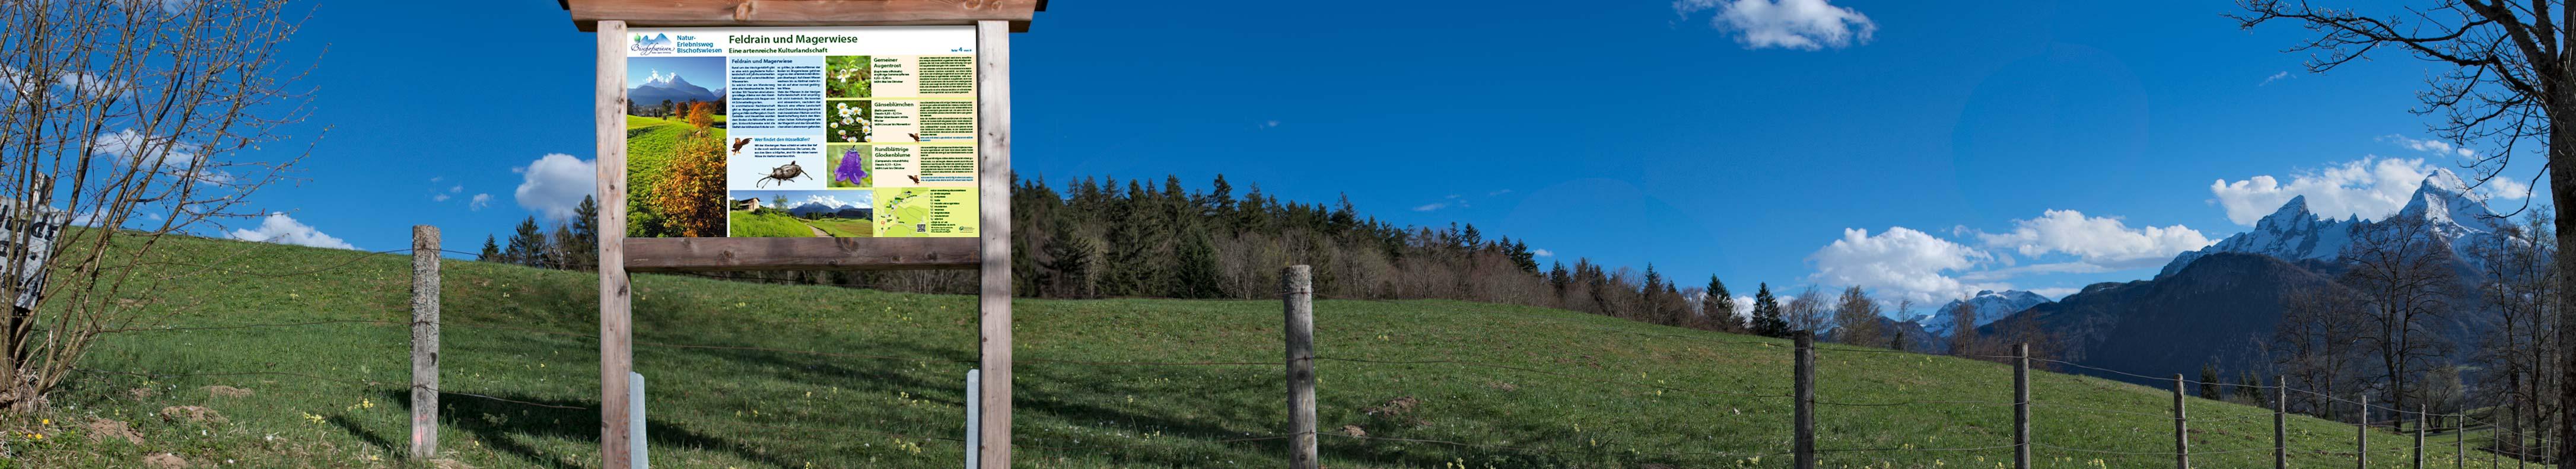 Naturerlebnisweg Bischofswiesen Panorama mit Infotafel von Liedtke & Kern